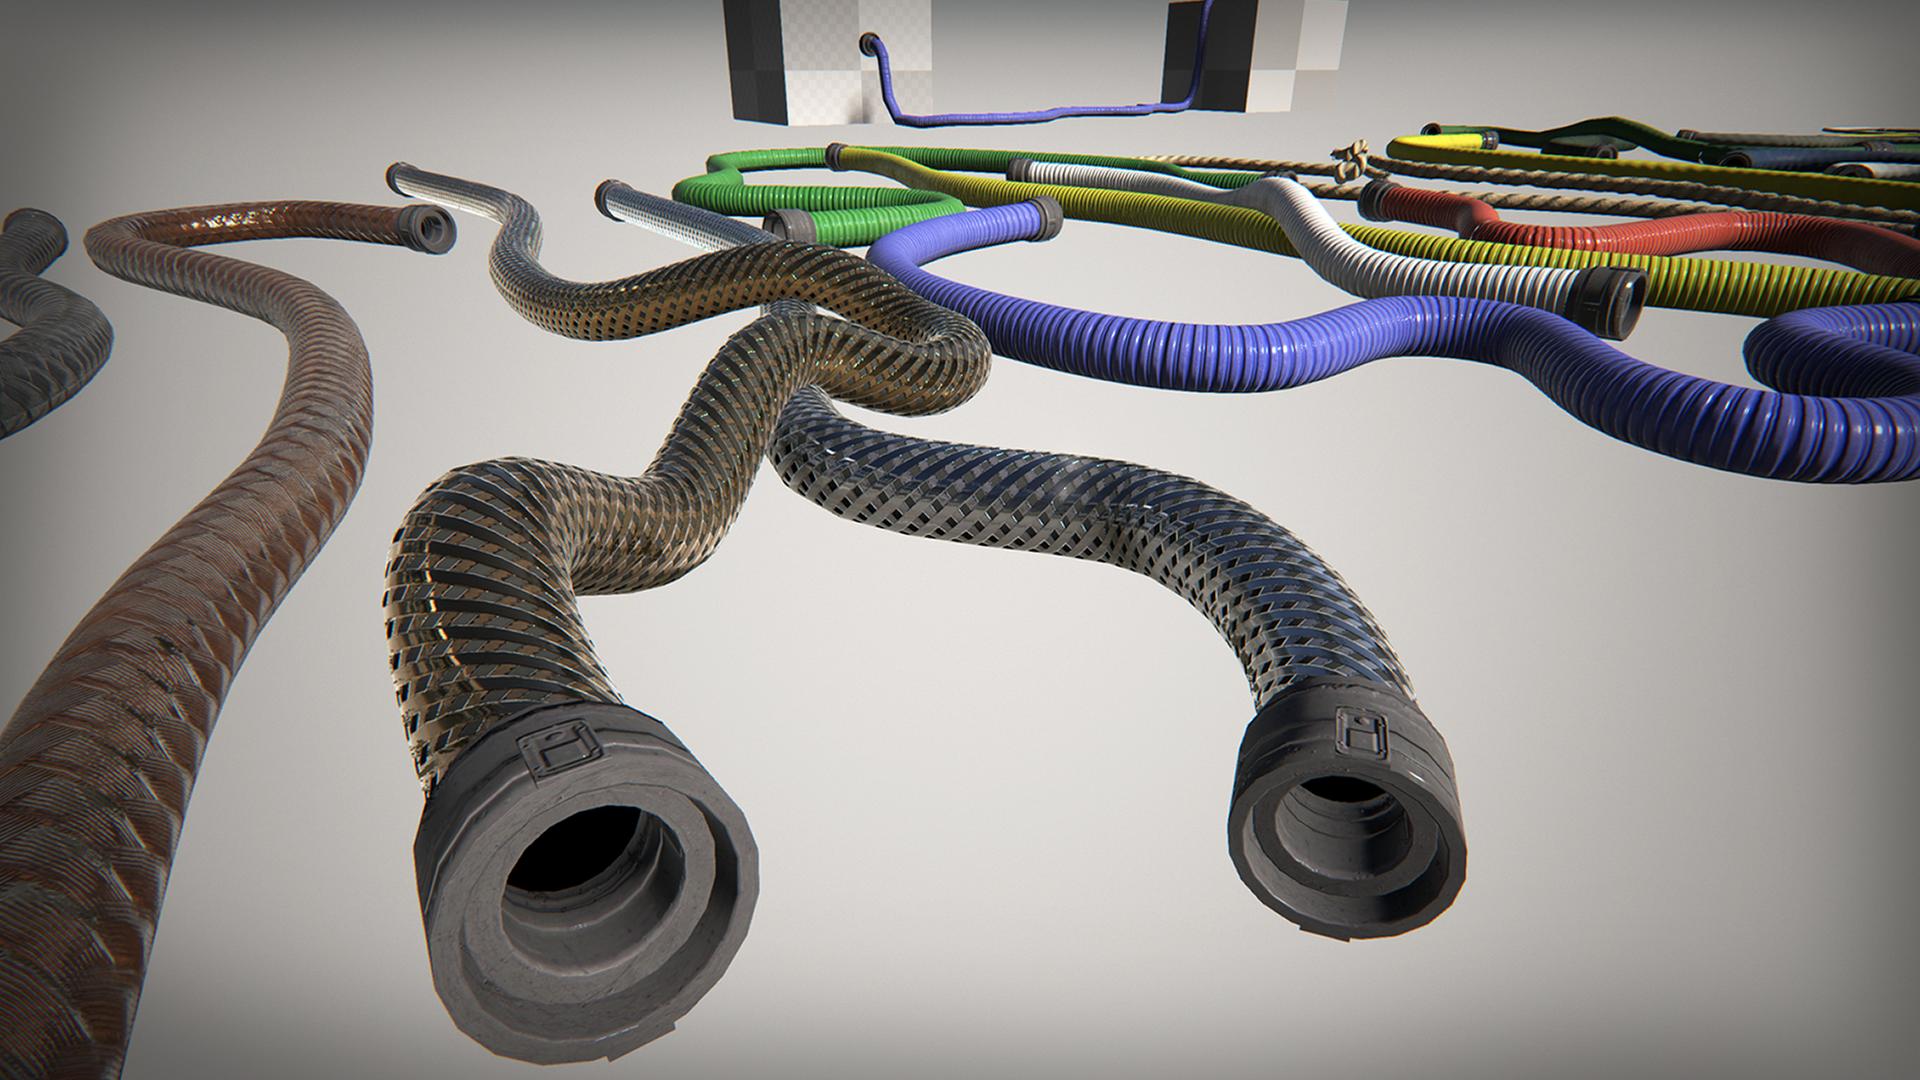 Spline: Ropes - Hoses - Sci-fi